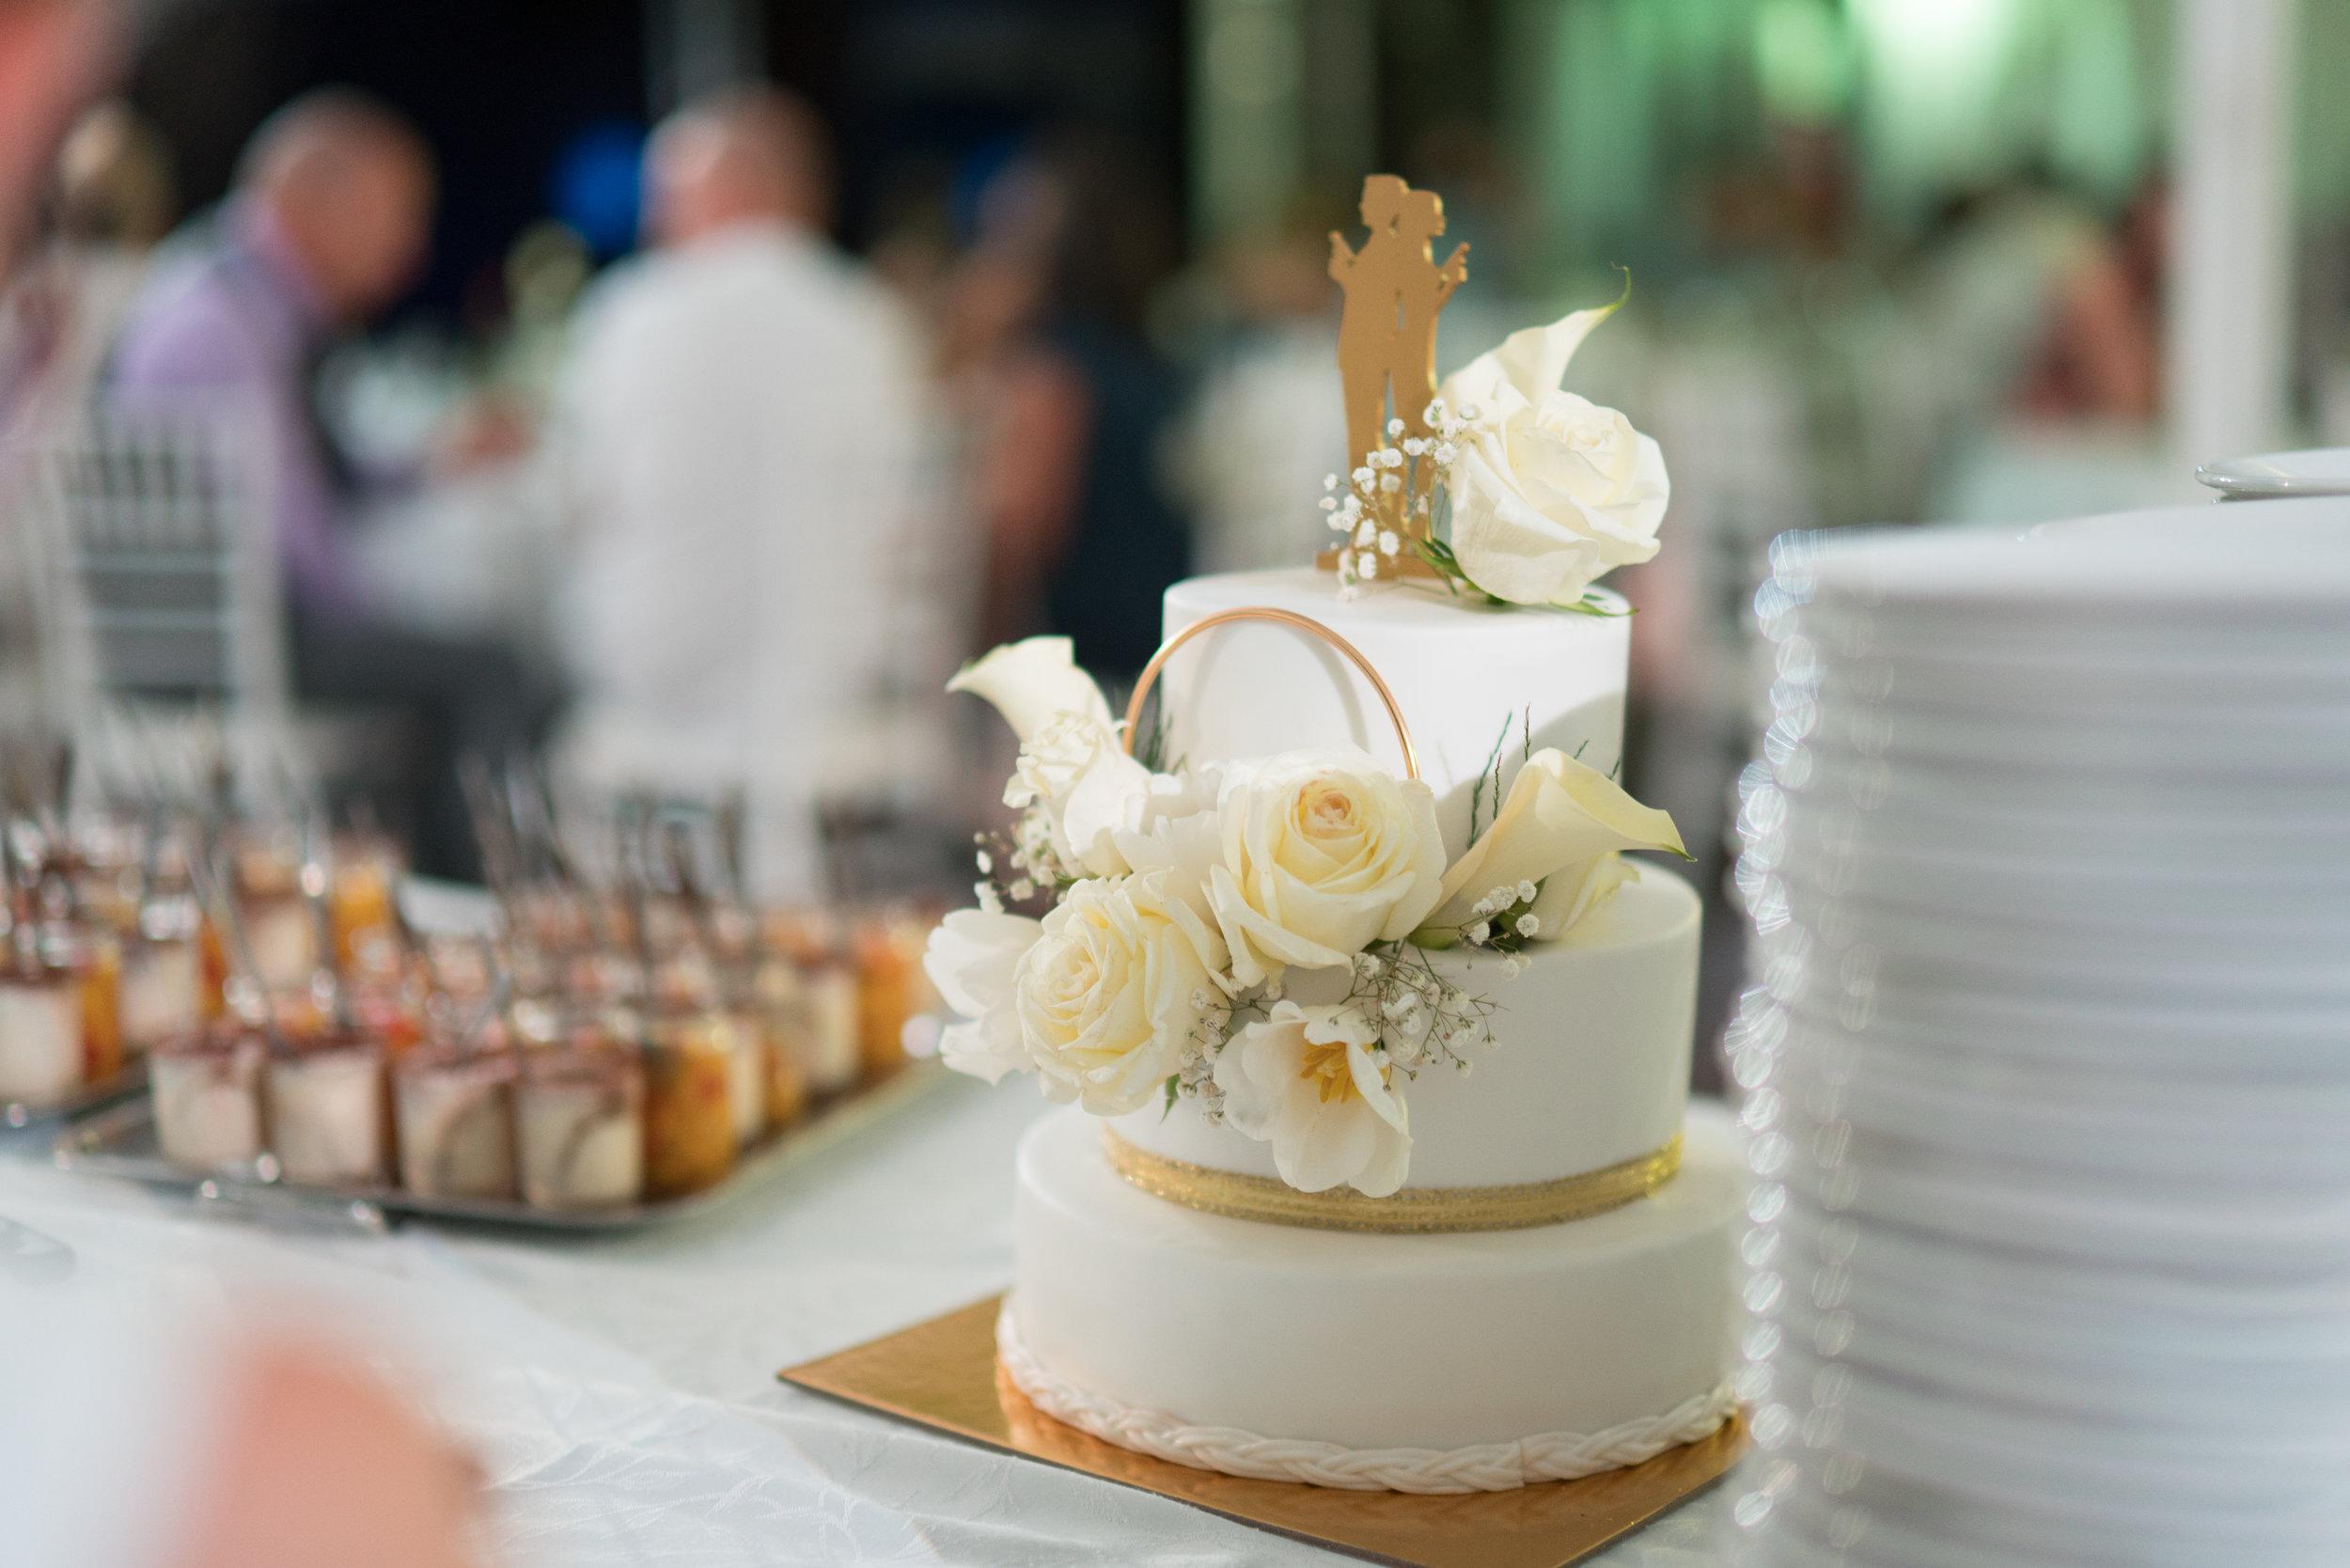 MRevenement organisation de mariage à la Réunion _ Mariage de B et JC (3).jpg